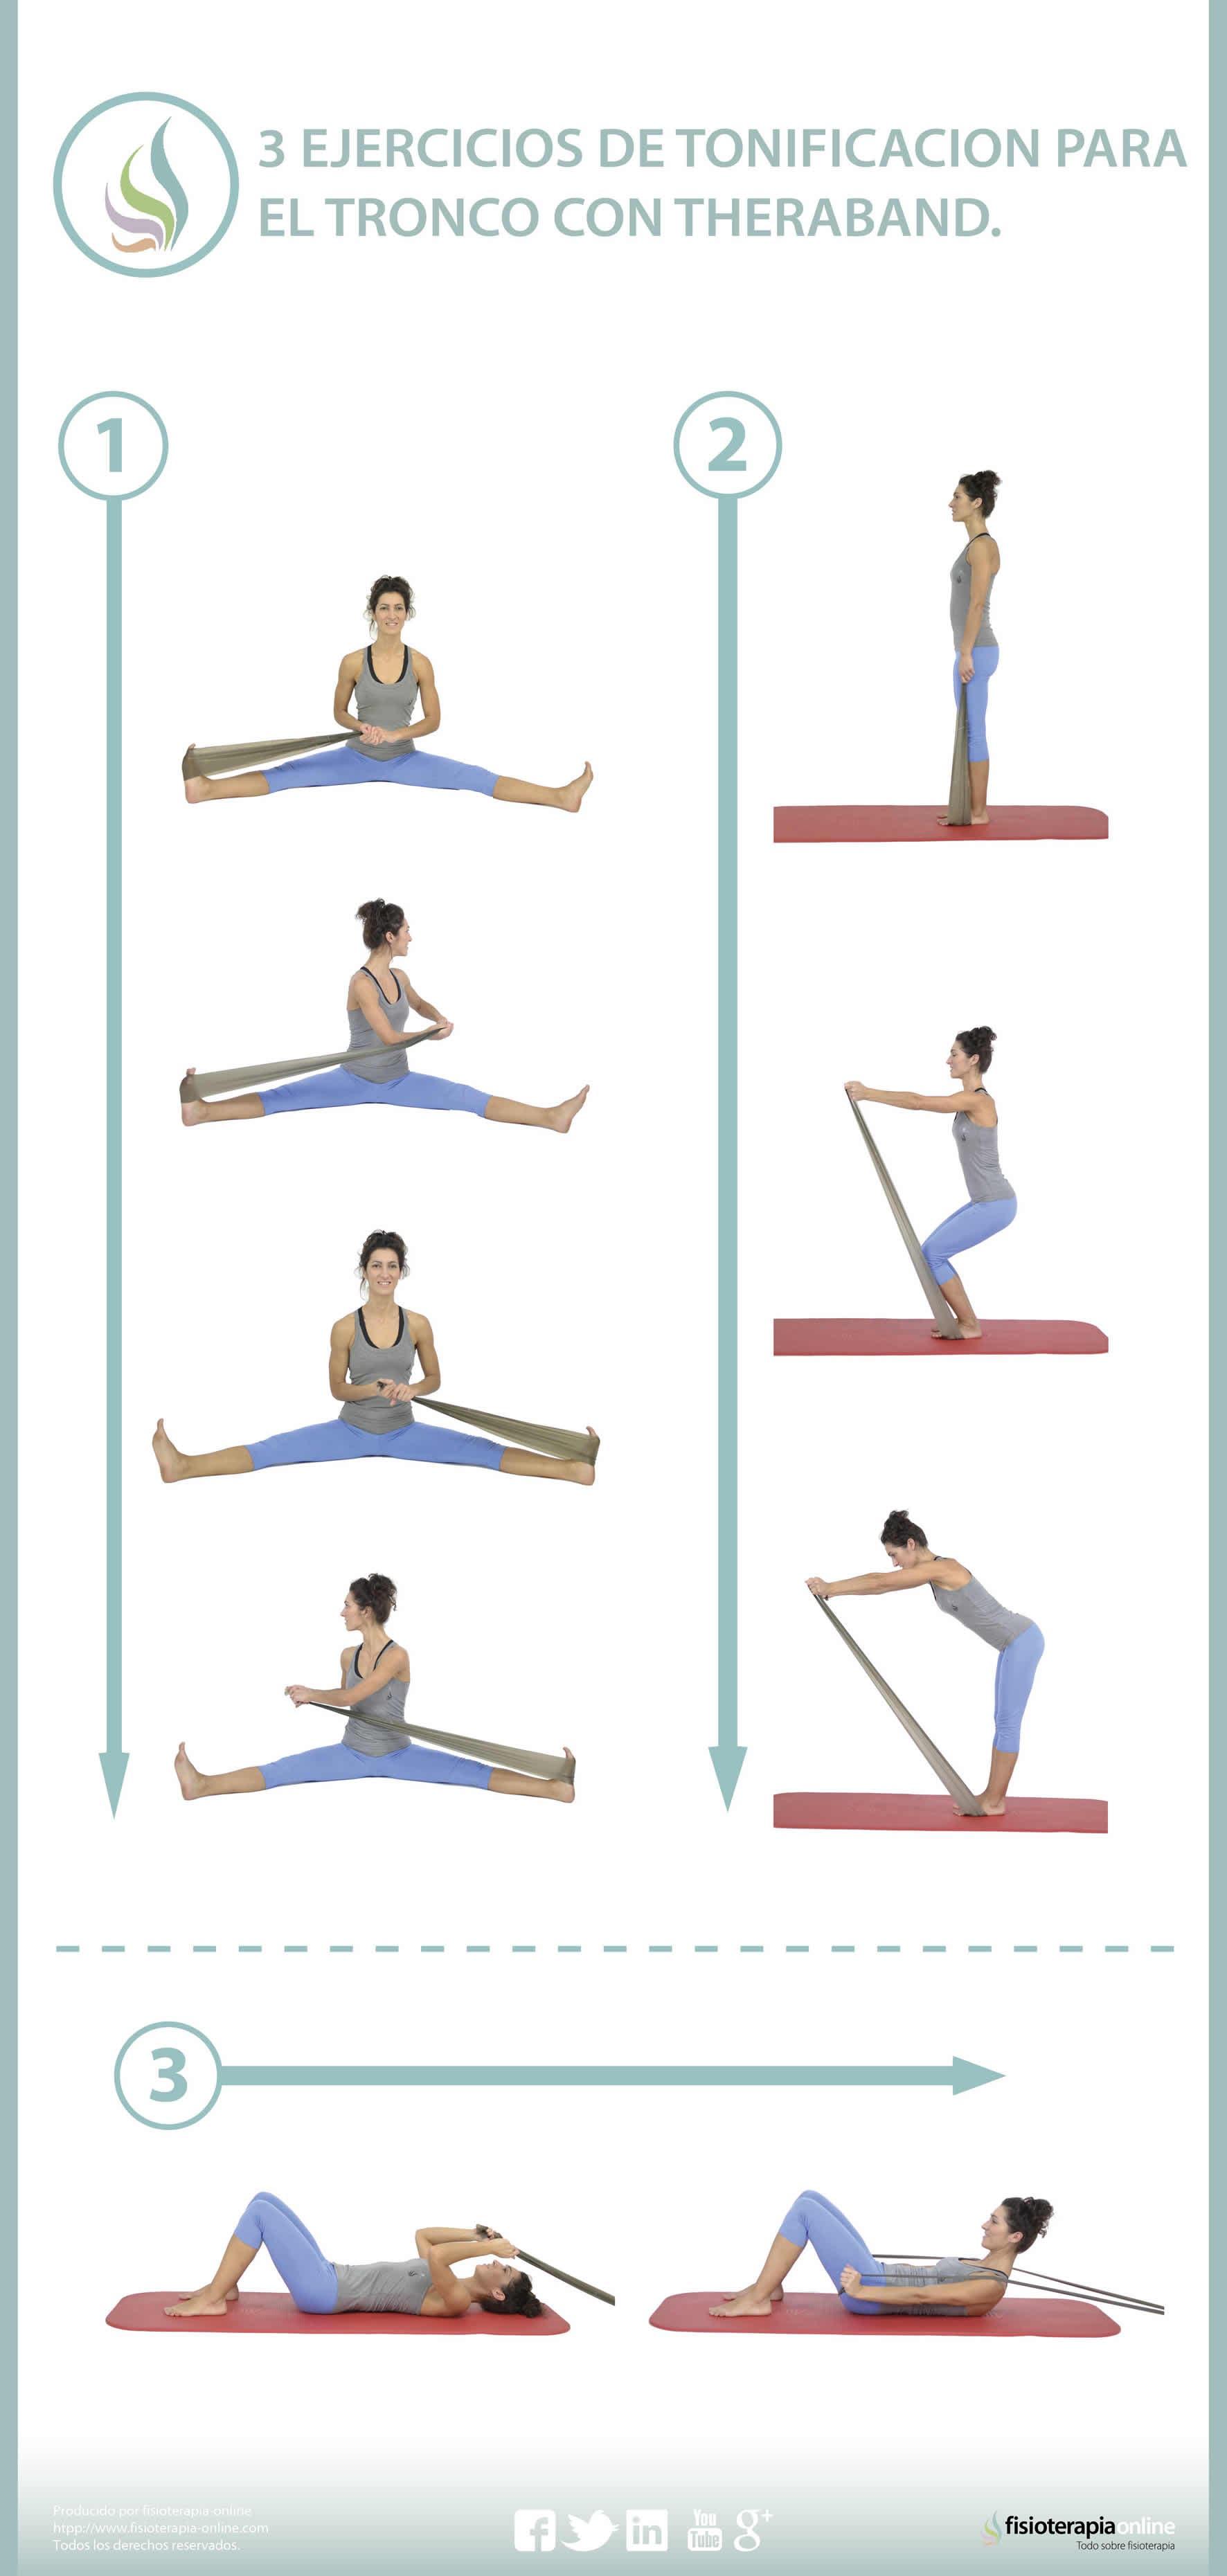 3 ejercicios para fortalecer abdominales